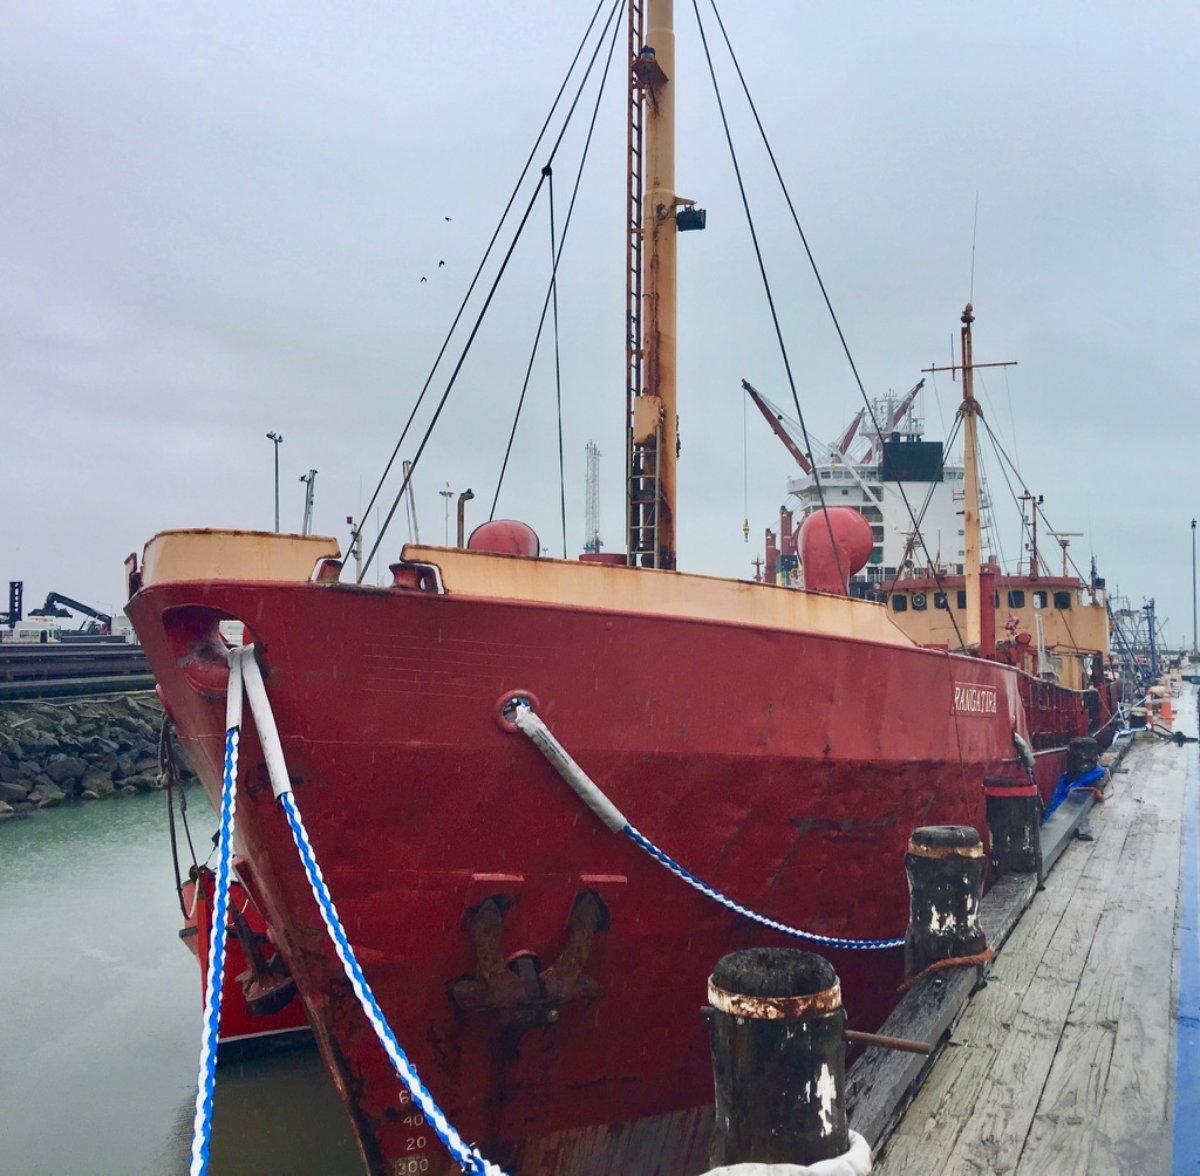 710 dwt 'Tweendeck Vessel, Built 1970